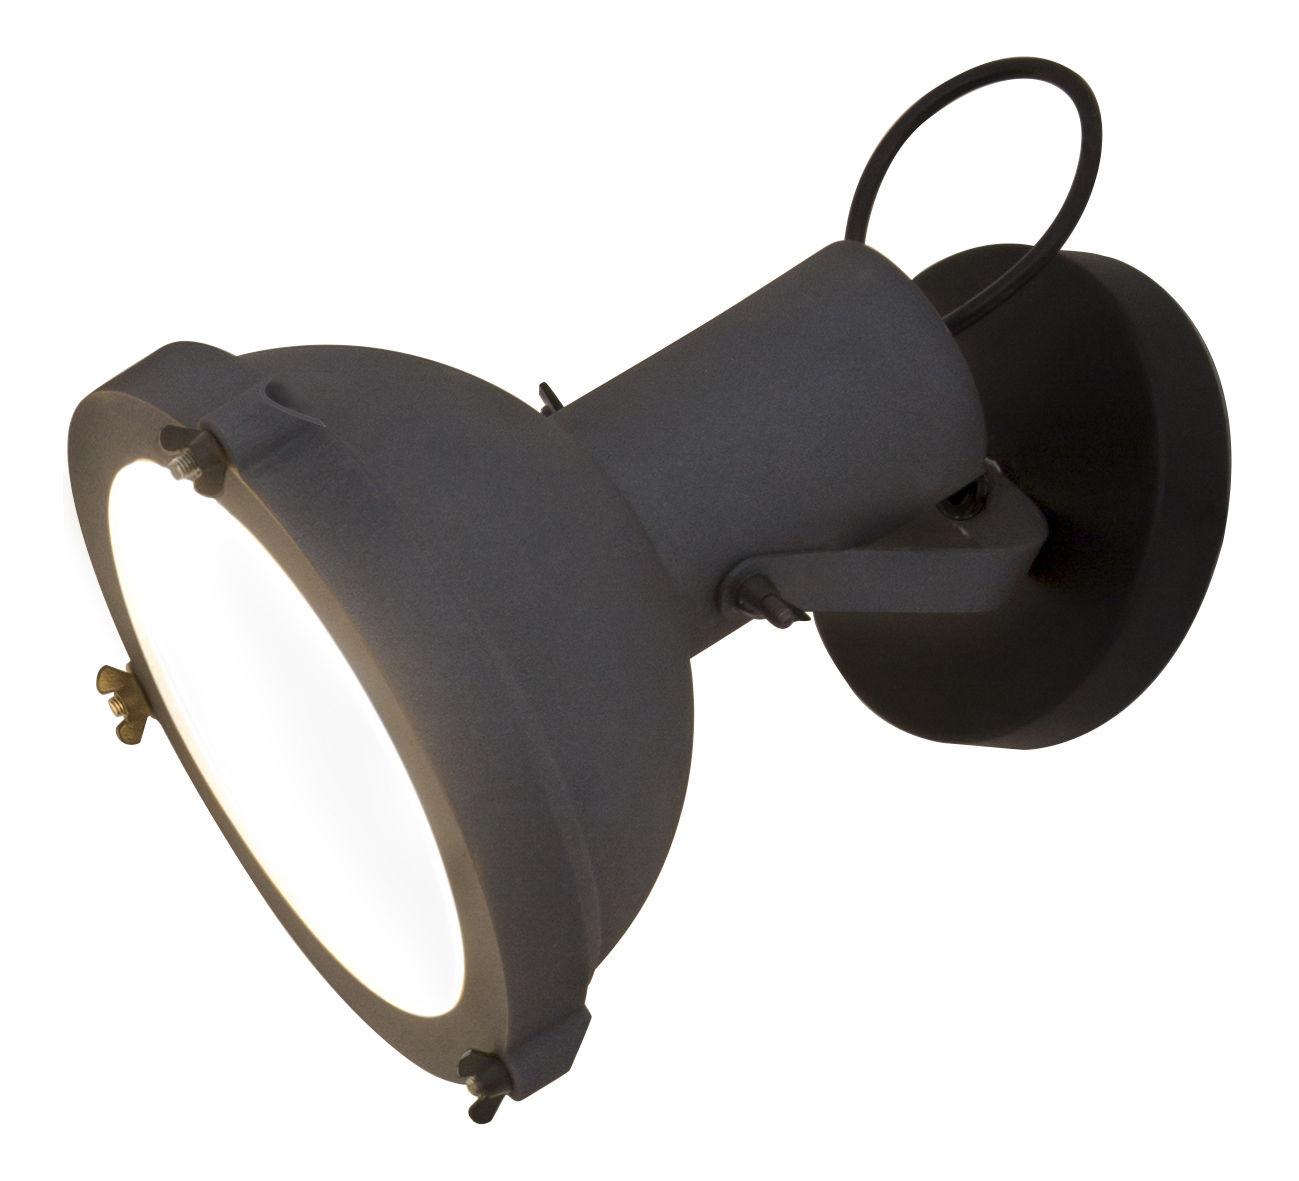 Luminaire - Appliques - Applique Projecteur 165 by Le Corbusier / Plafonnier - Réédition 1954 - Nemo - Anthracite-bleu foncé - Aluminium peint, Verre opalin